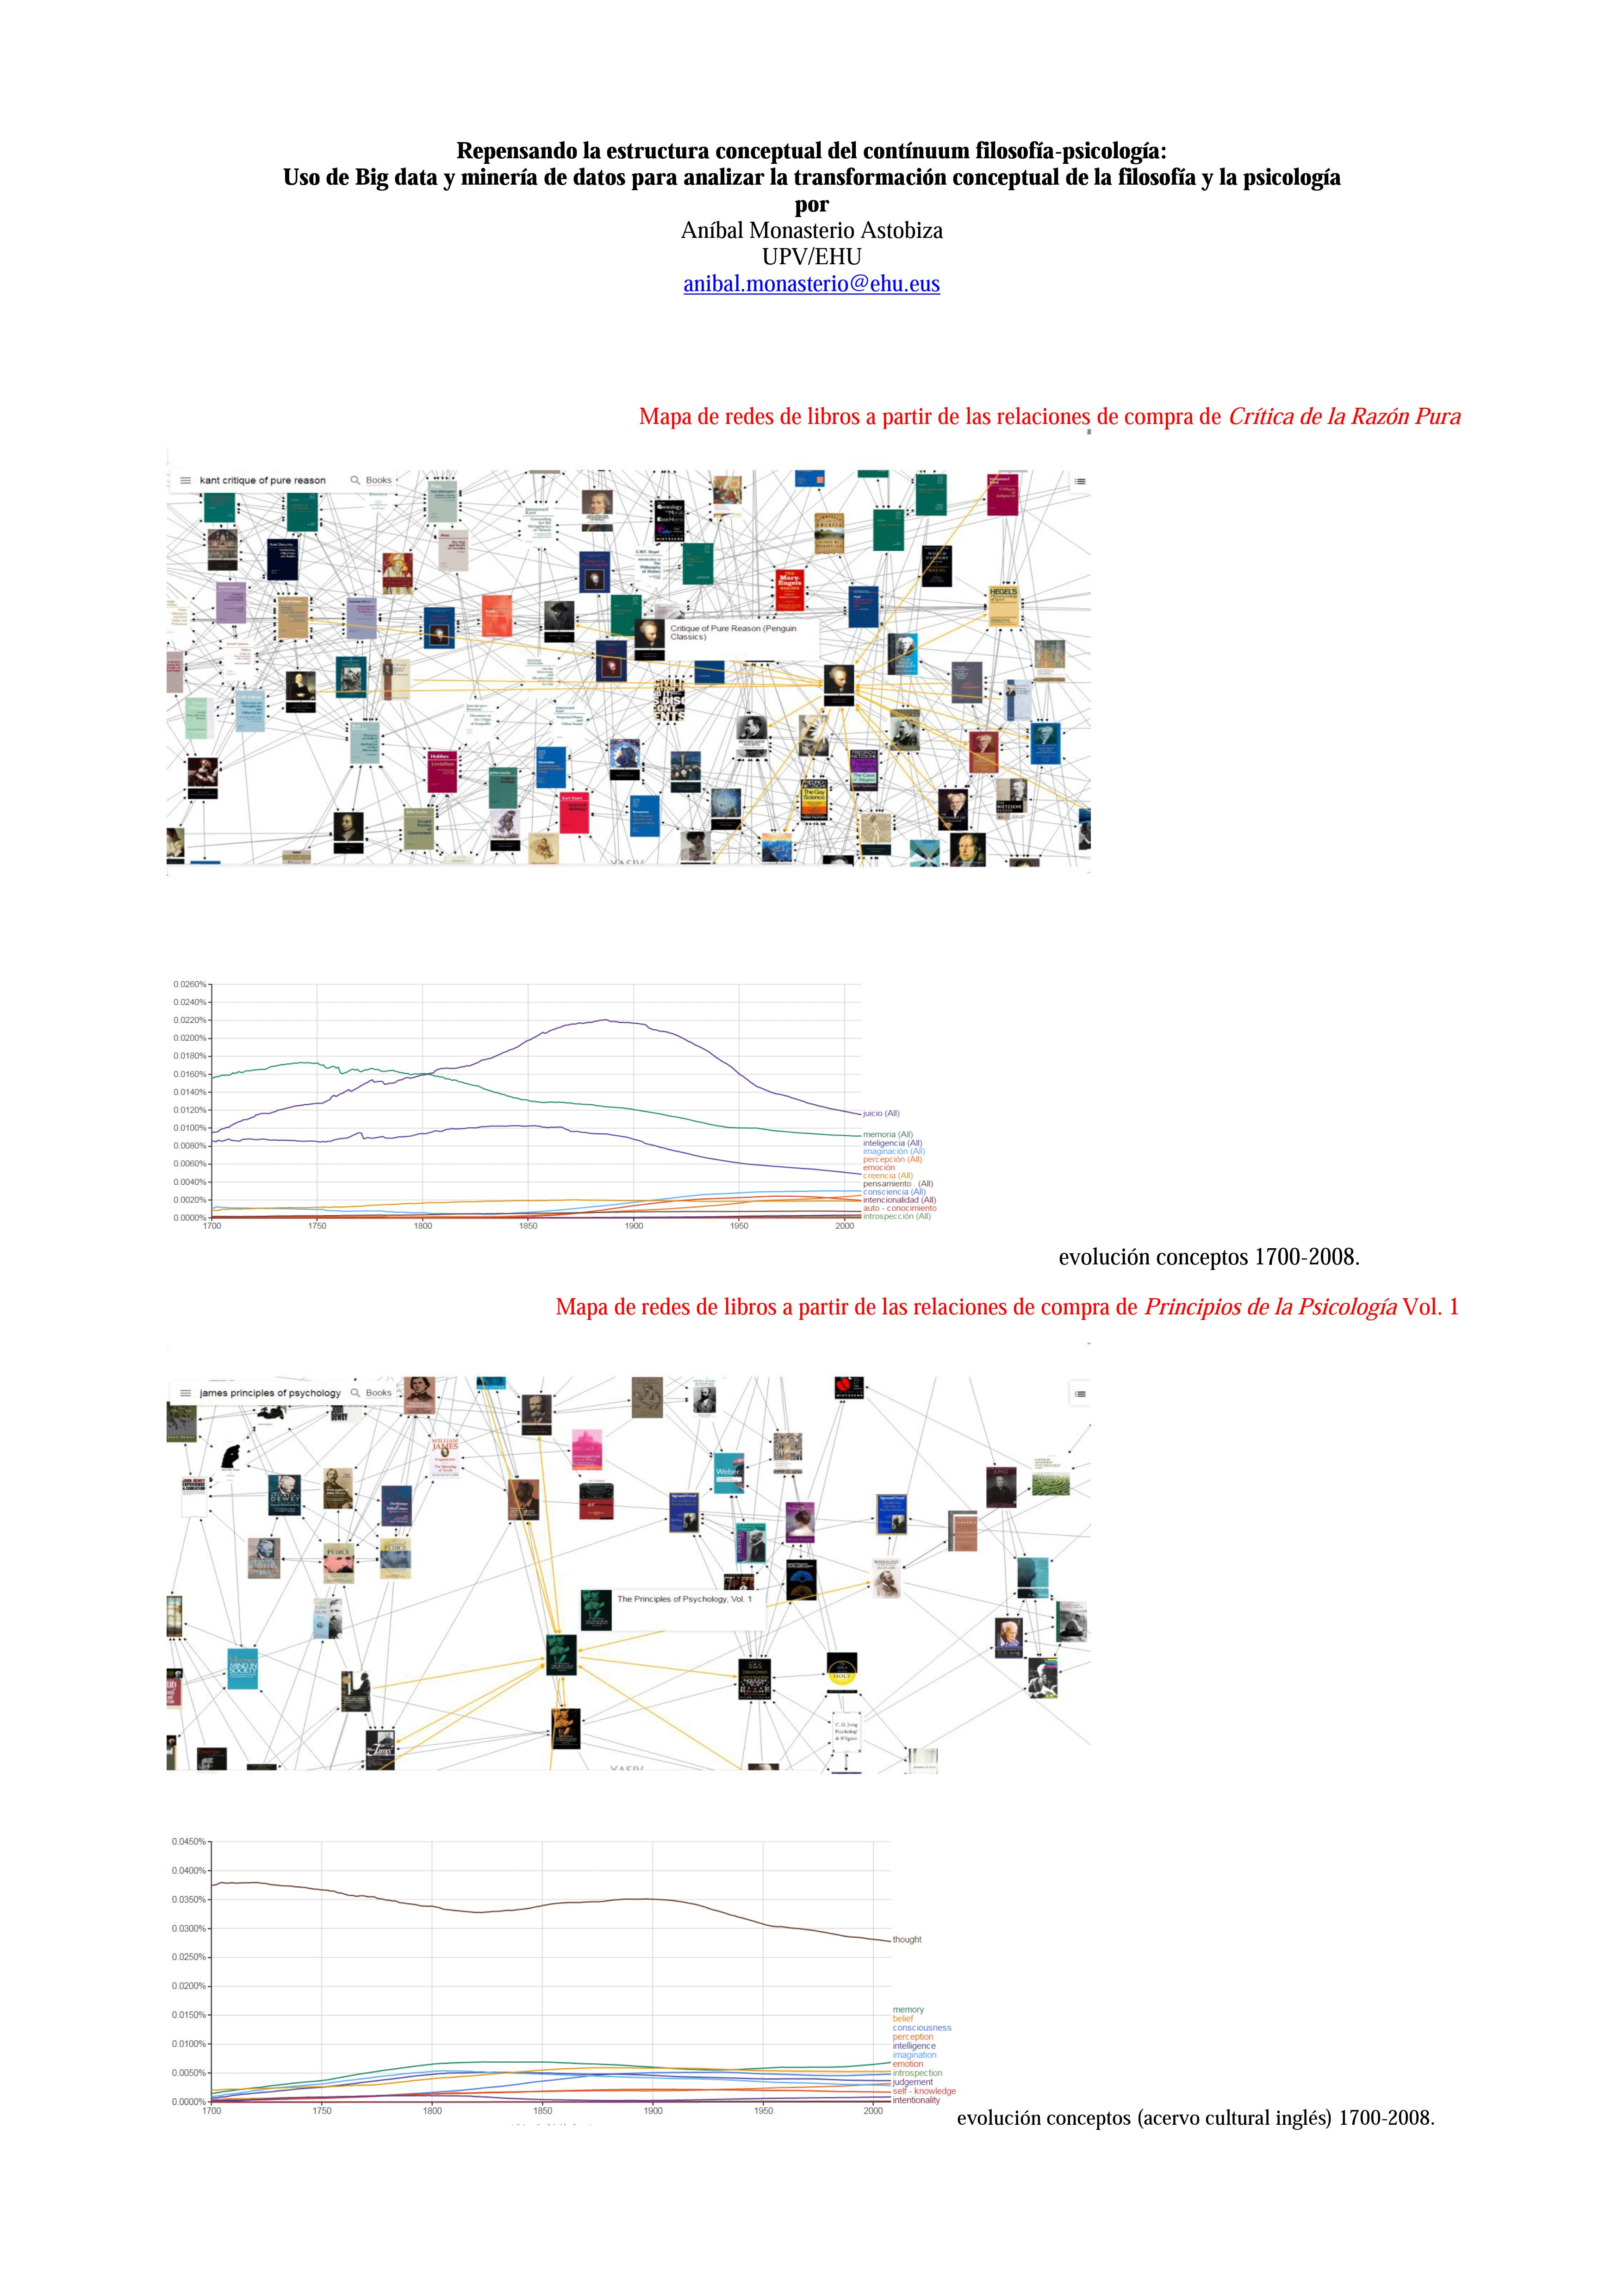 Repensando la estructura conceptual del contínuum filosofía-psicología:Uso de Big data y minería de datos para analizar la transformación conceptual de la filosofía y la psicología